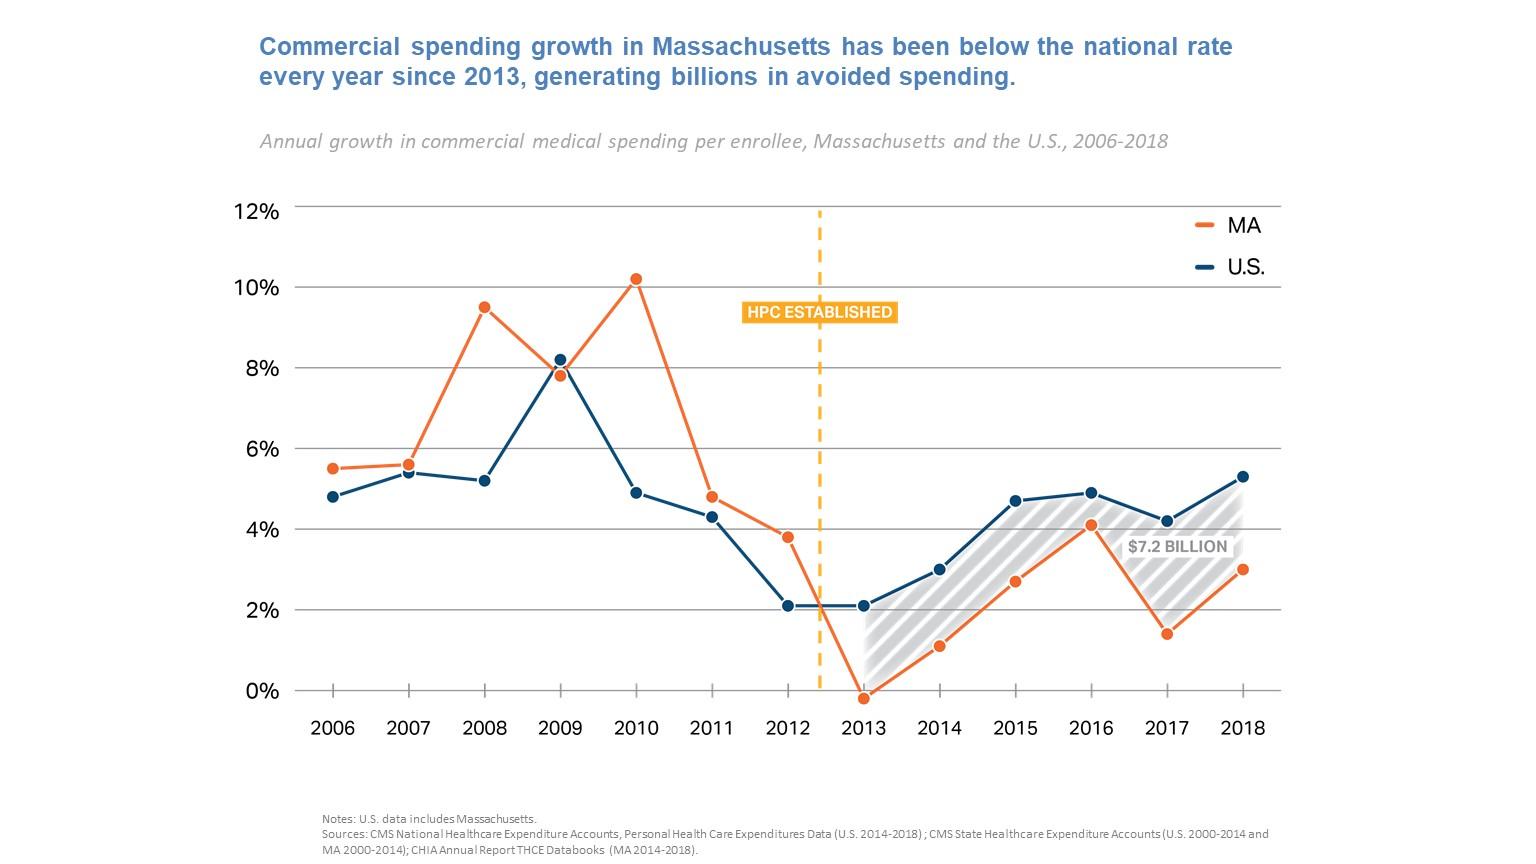 Massachusetts Commercial Healthcare Spending Growth